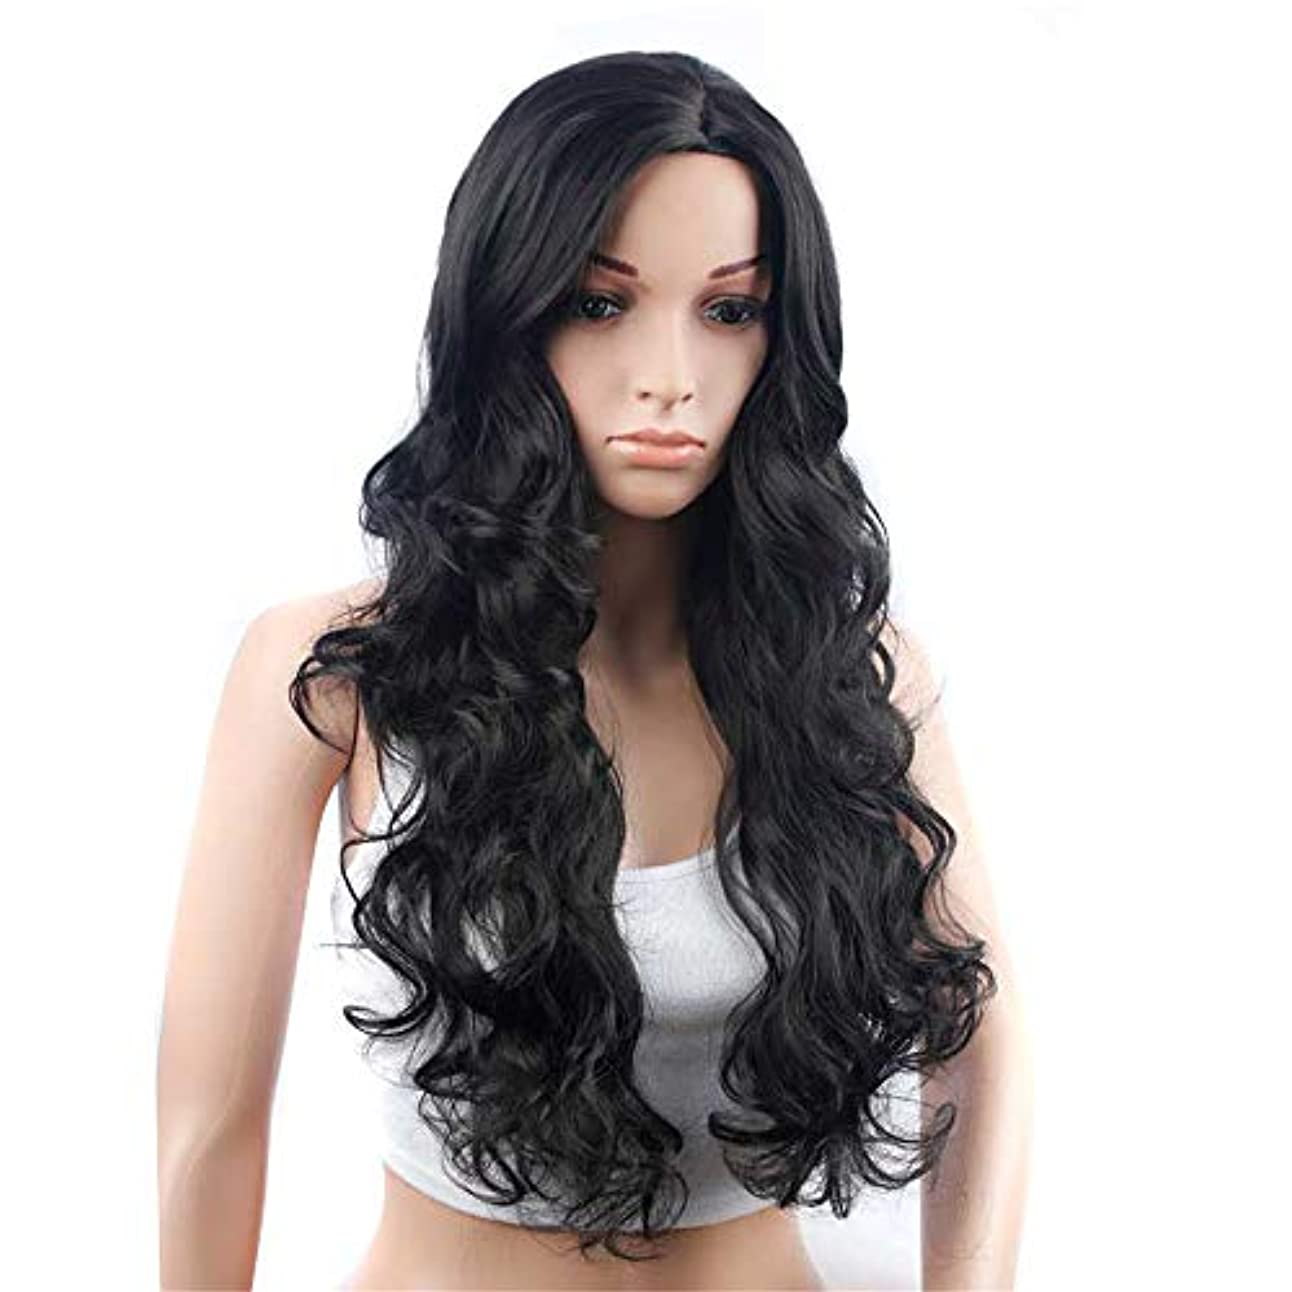 対機械的に滝ウィッグロングウェーブブラックカラーロングウェーブ人工毛高温繊維ヘアスタイル女性用髪の毛ナチュラルミドルパート耐熱ヘアプレイ、ハロウィン23インチ